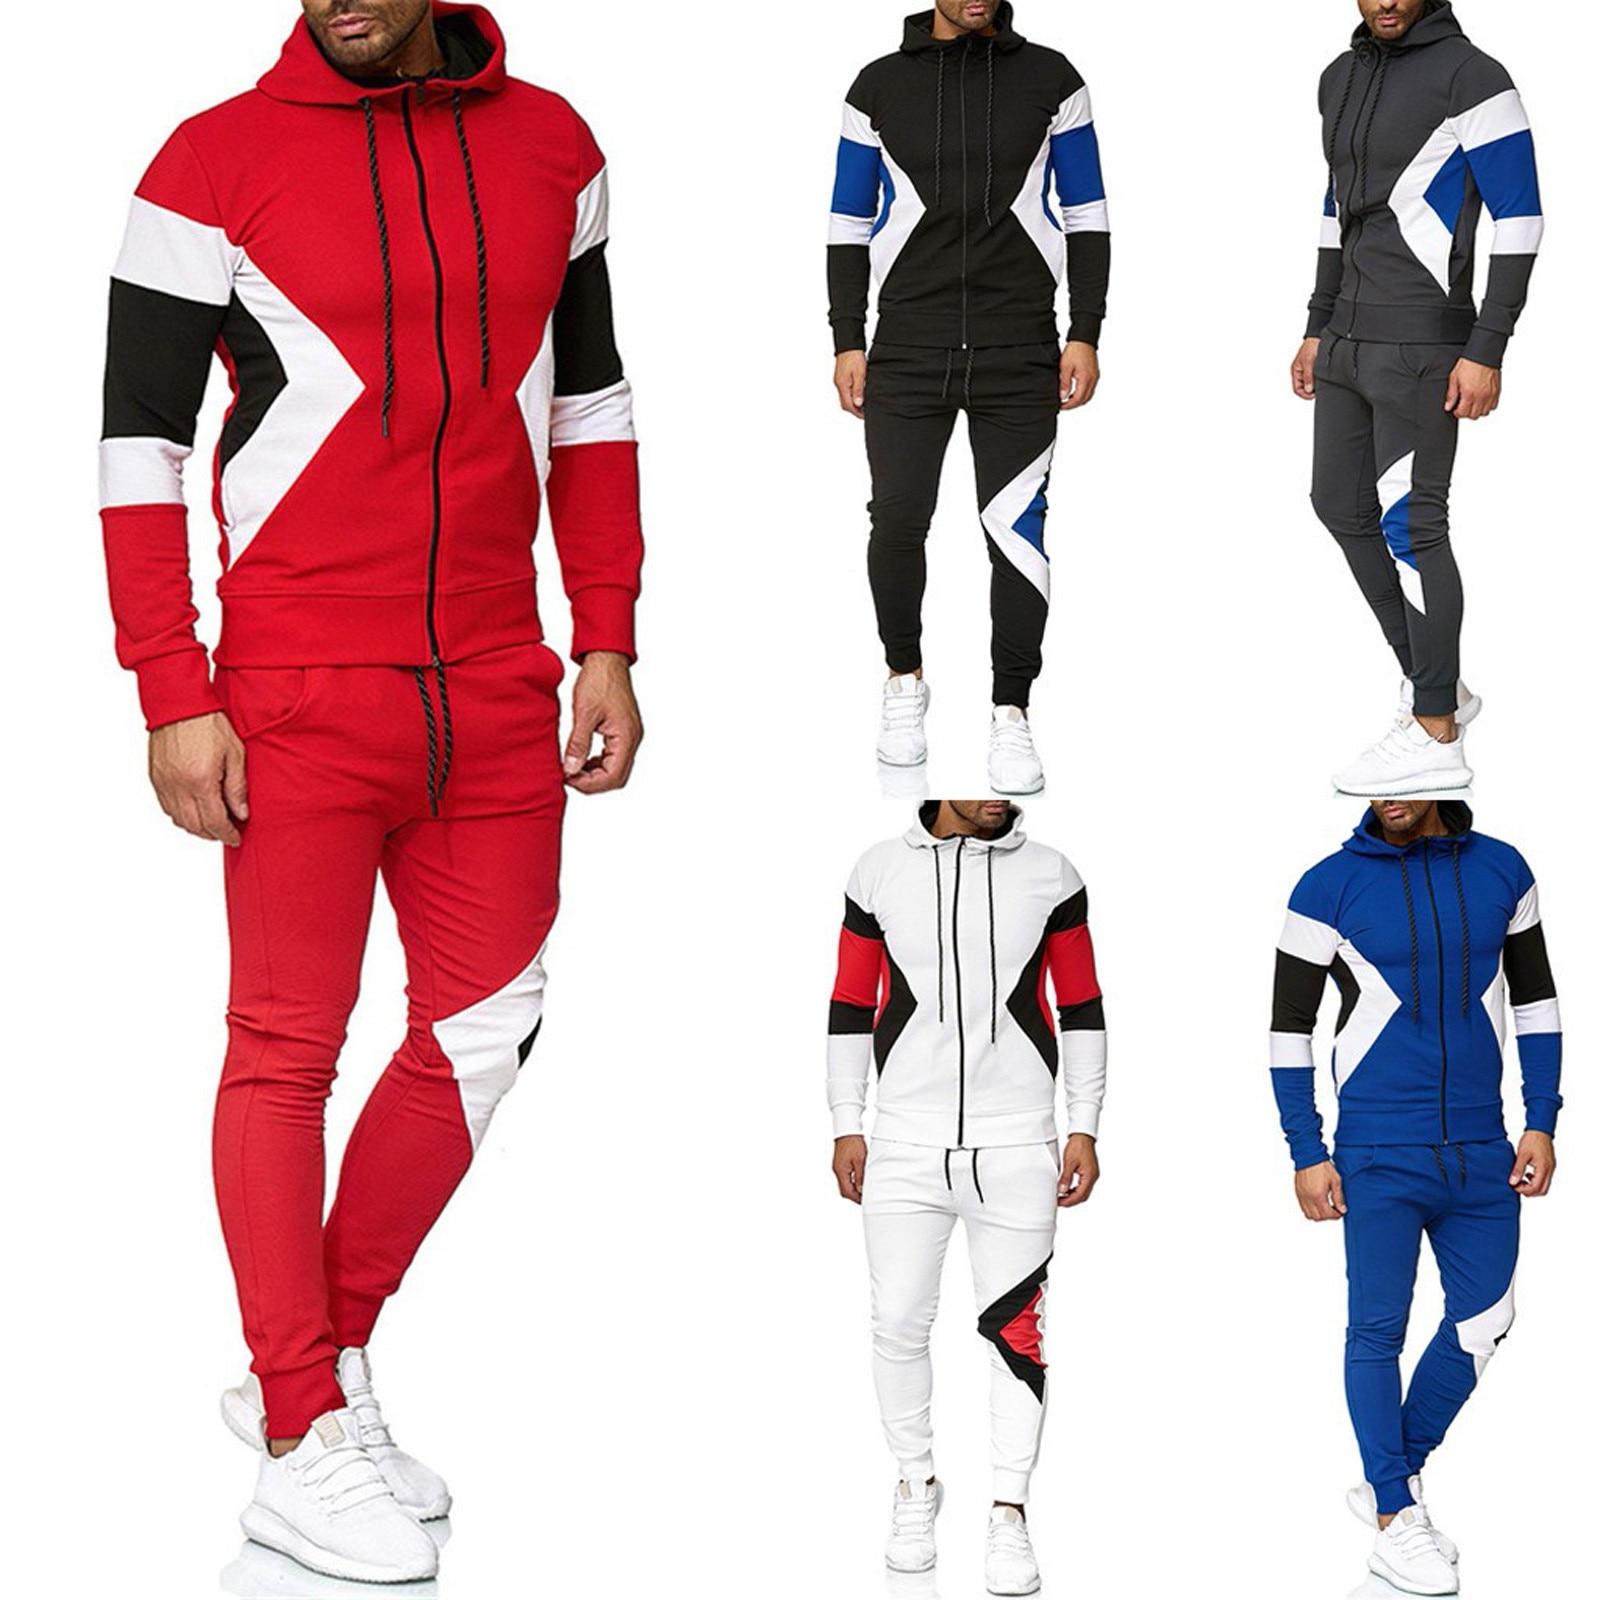 موضة ماركة الرجال مجموعة الشتاء رشاقته الدافئة رياضية الترفيه اللون المرقعة الرياضة ملابس رياضية بذلة رياضية الذكور Sweatsuit